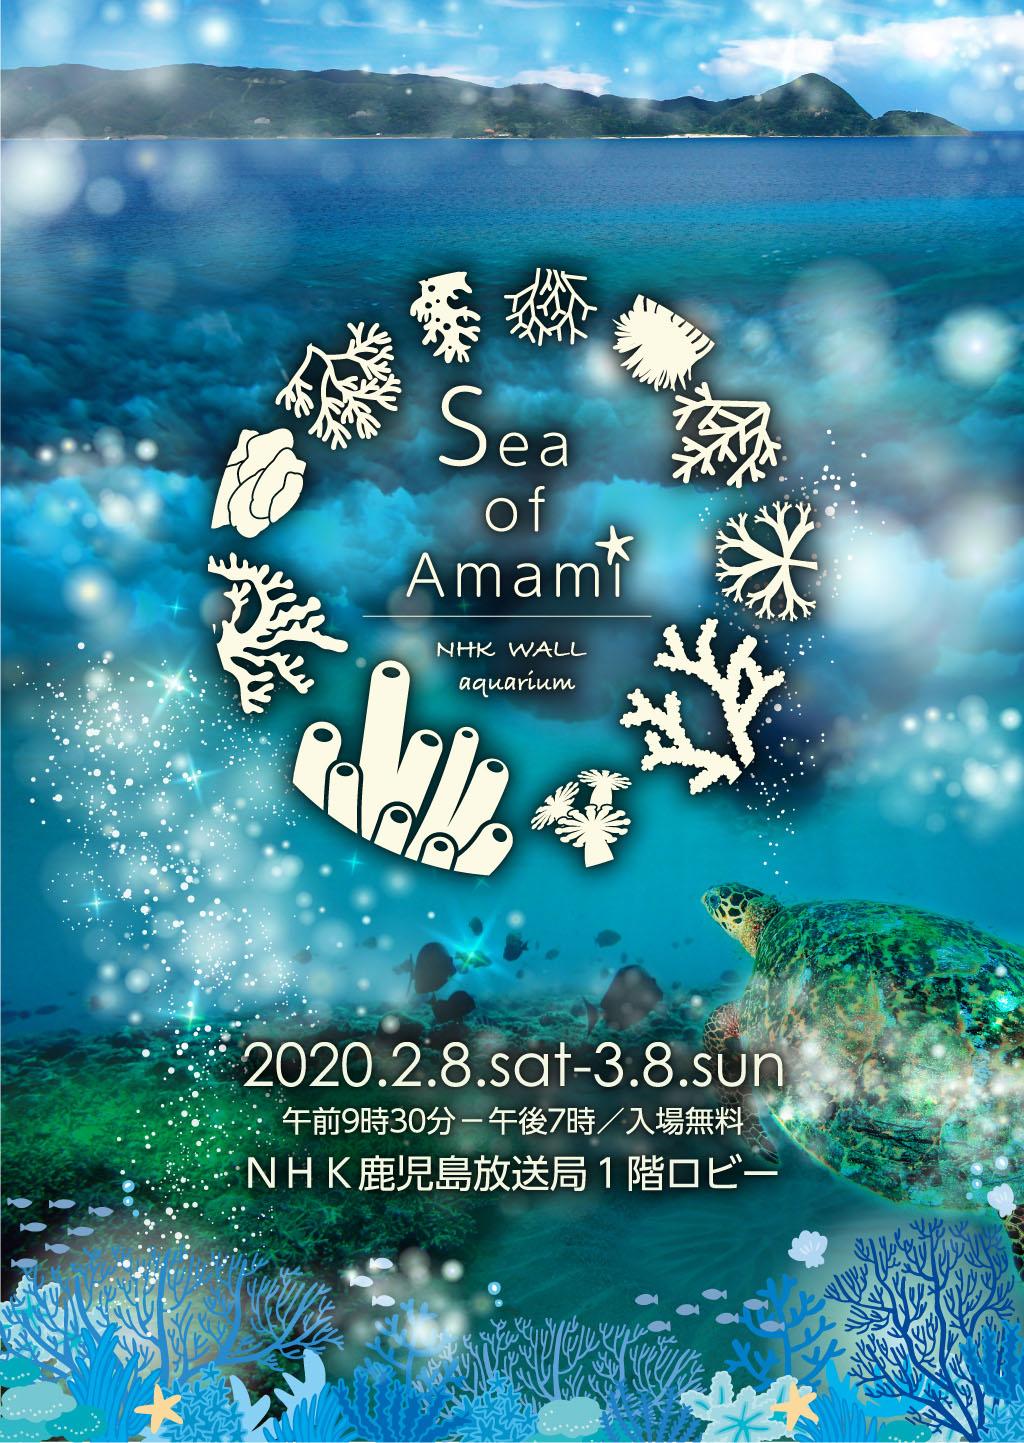 【鹿児島市】NHK WALL aquarium〜Sea of Amami〜